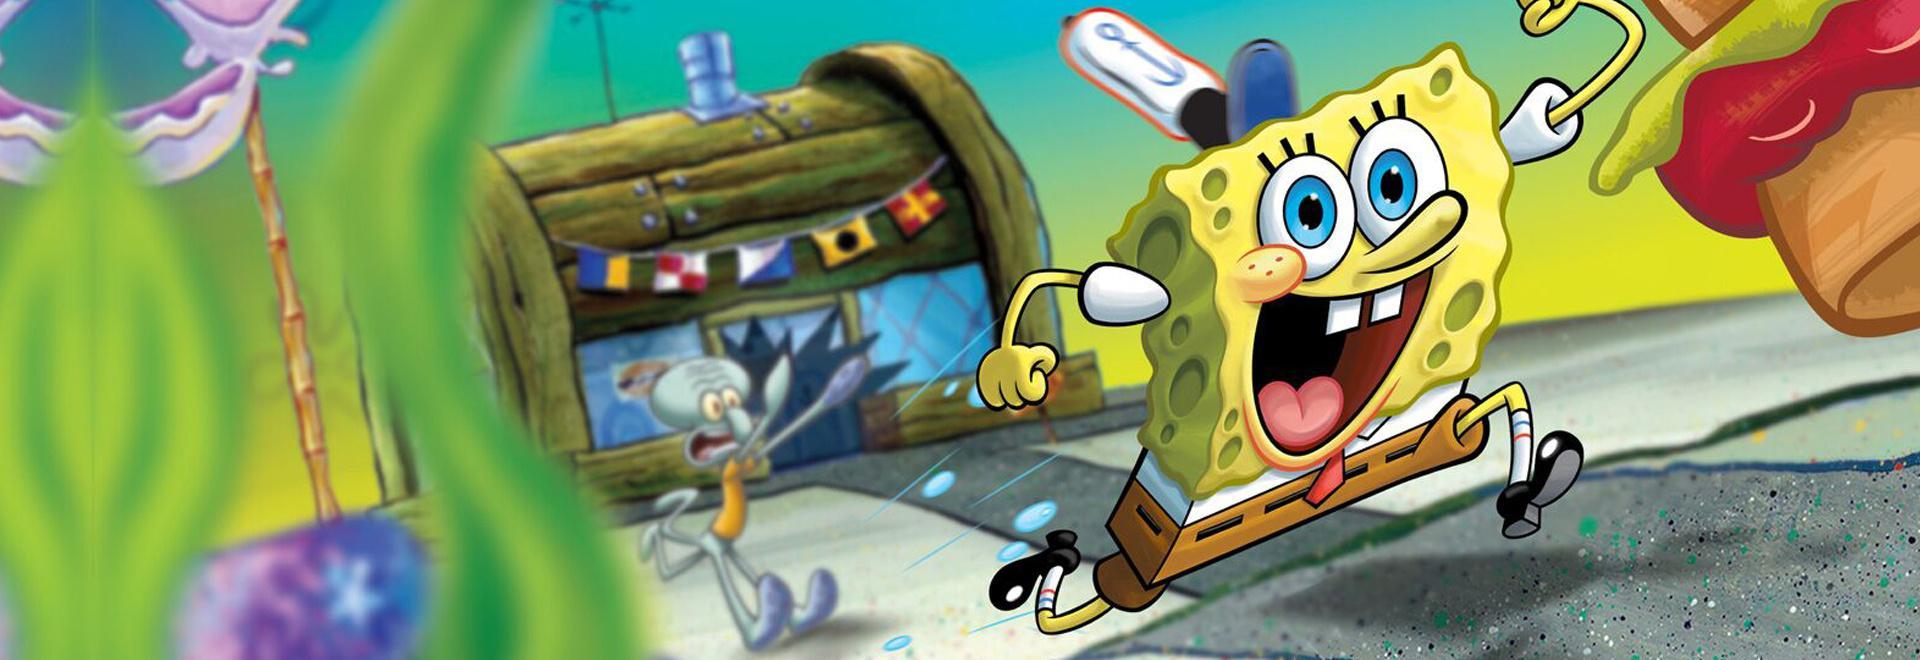 Il denaro parla/Spongebob contro la macchina/La gara di ballo